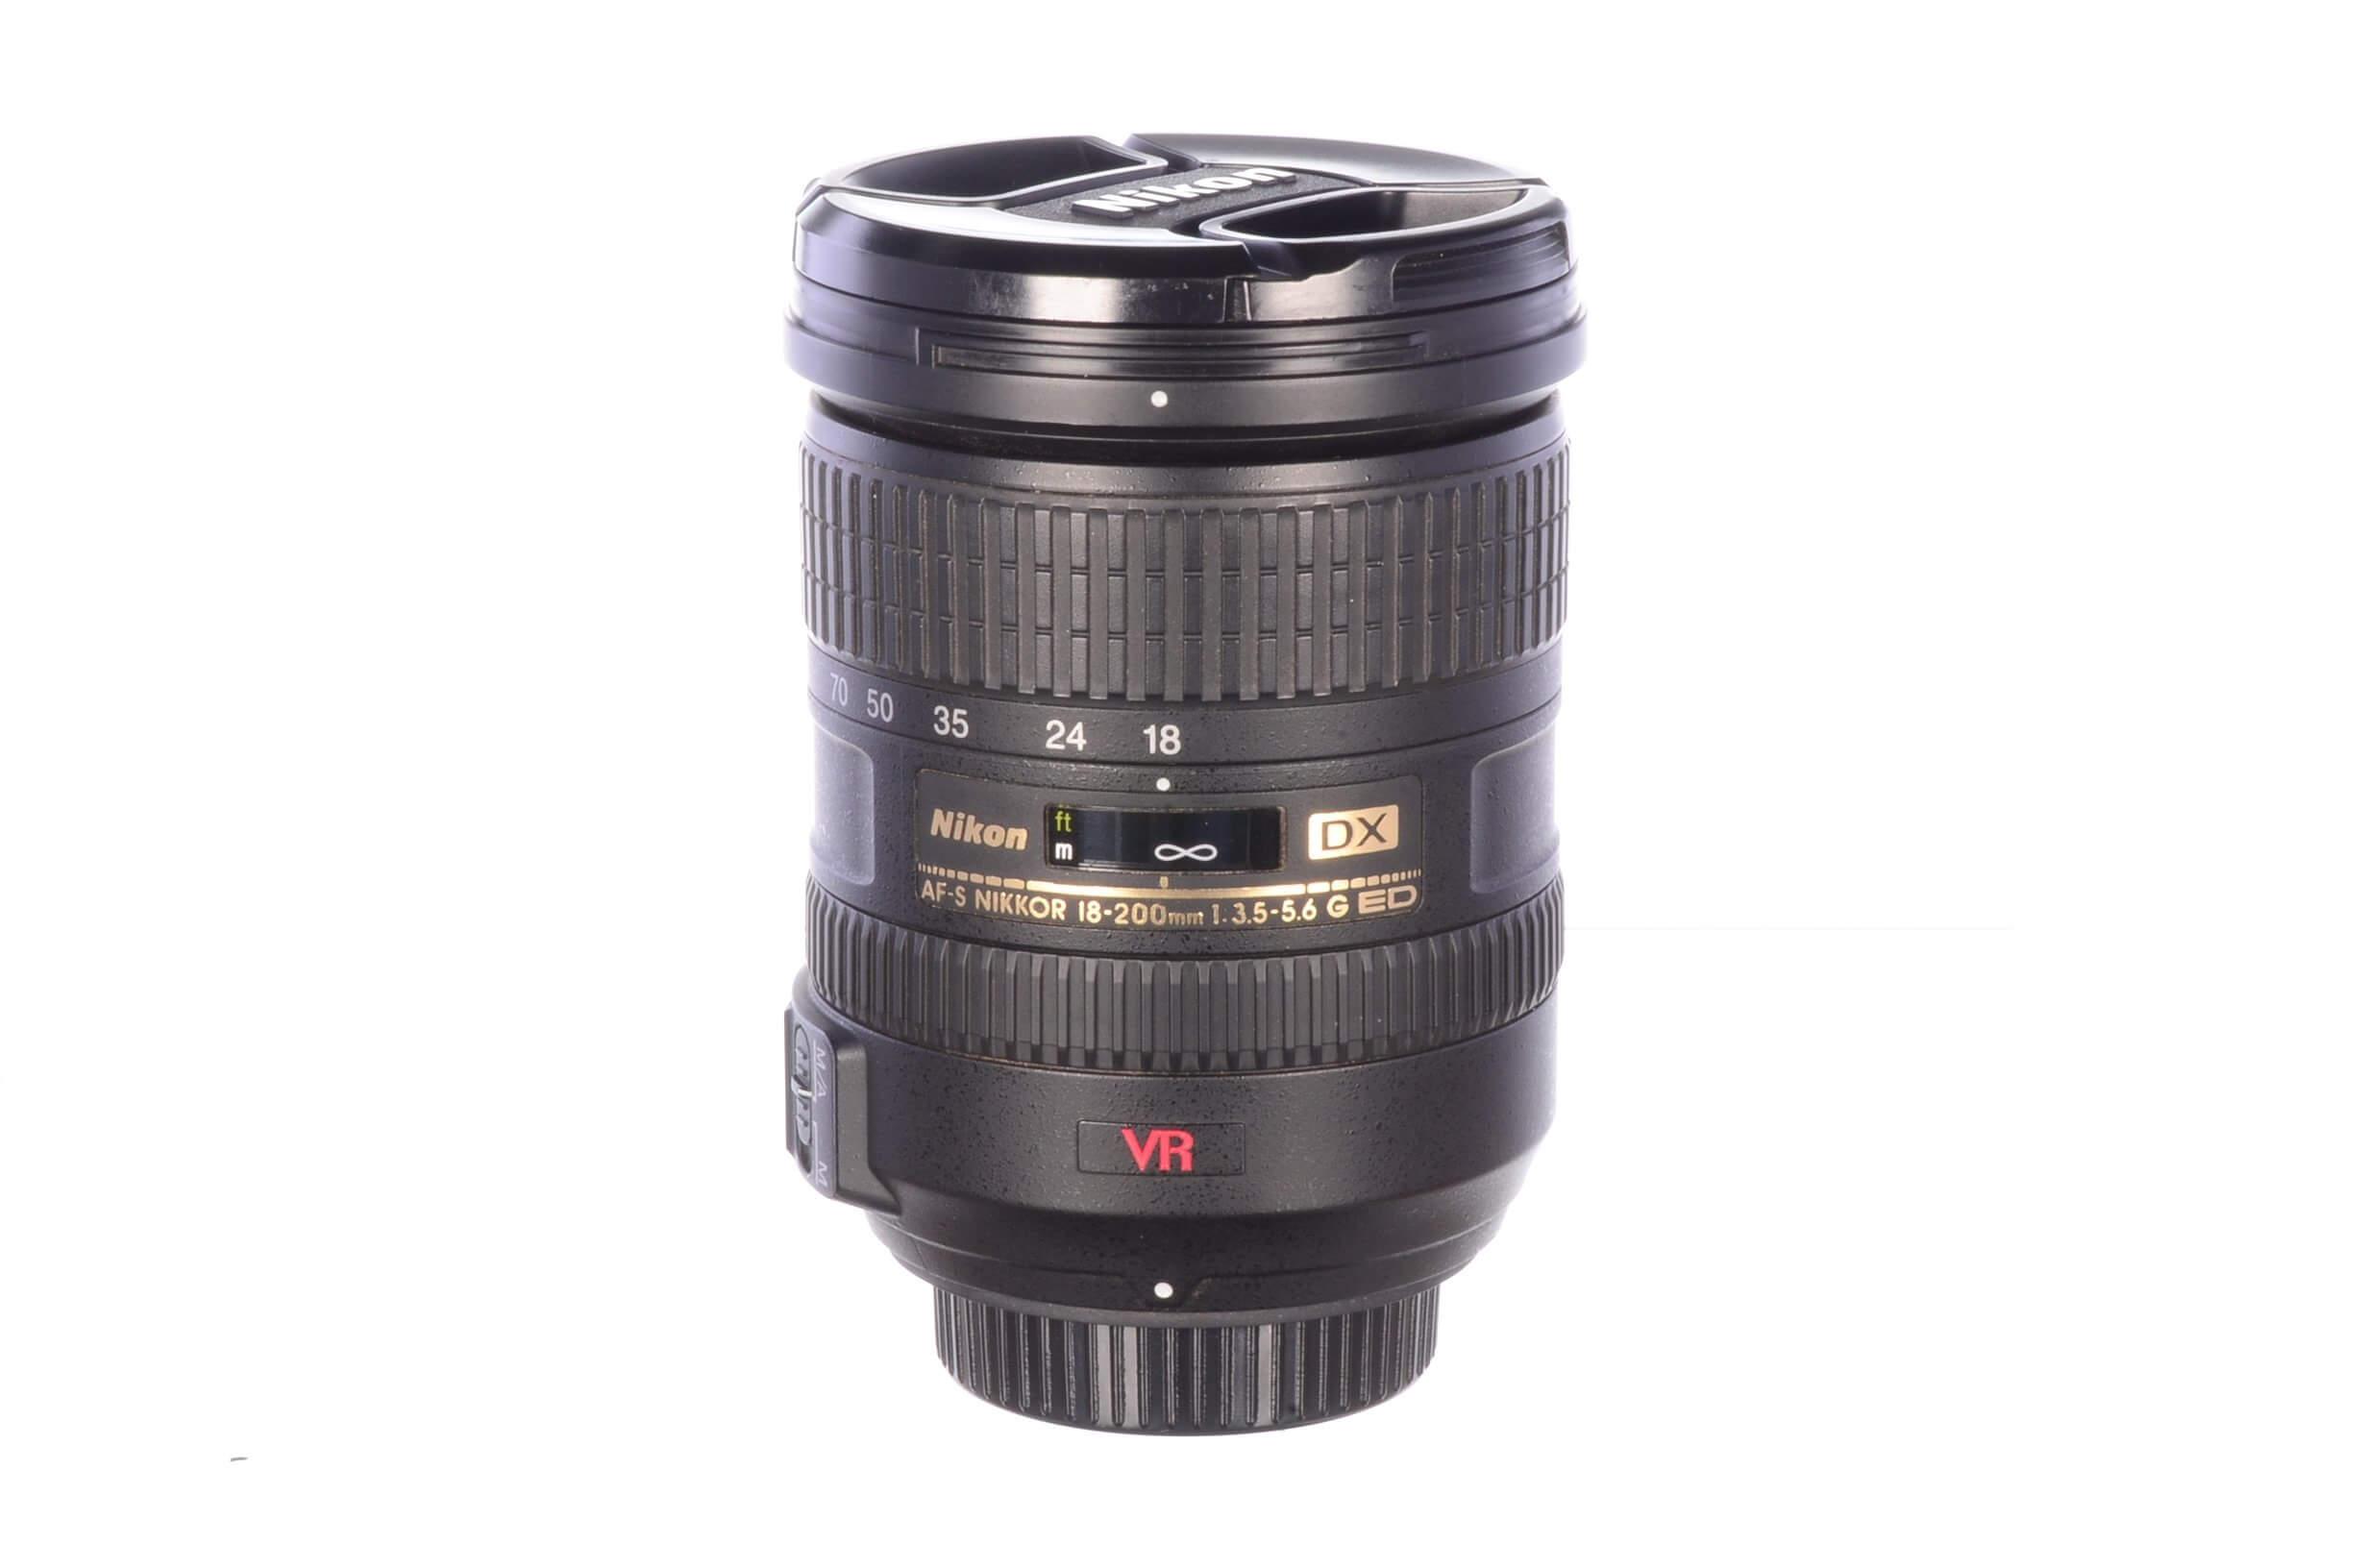 Nikon 18-200mm f3.5-5.6 AF-S G ED DX, almost mint